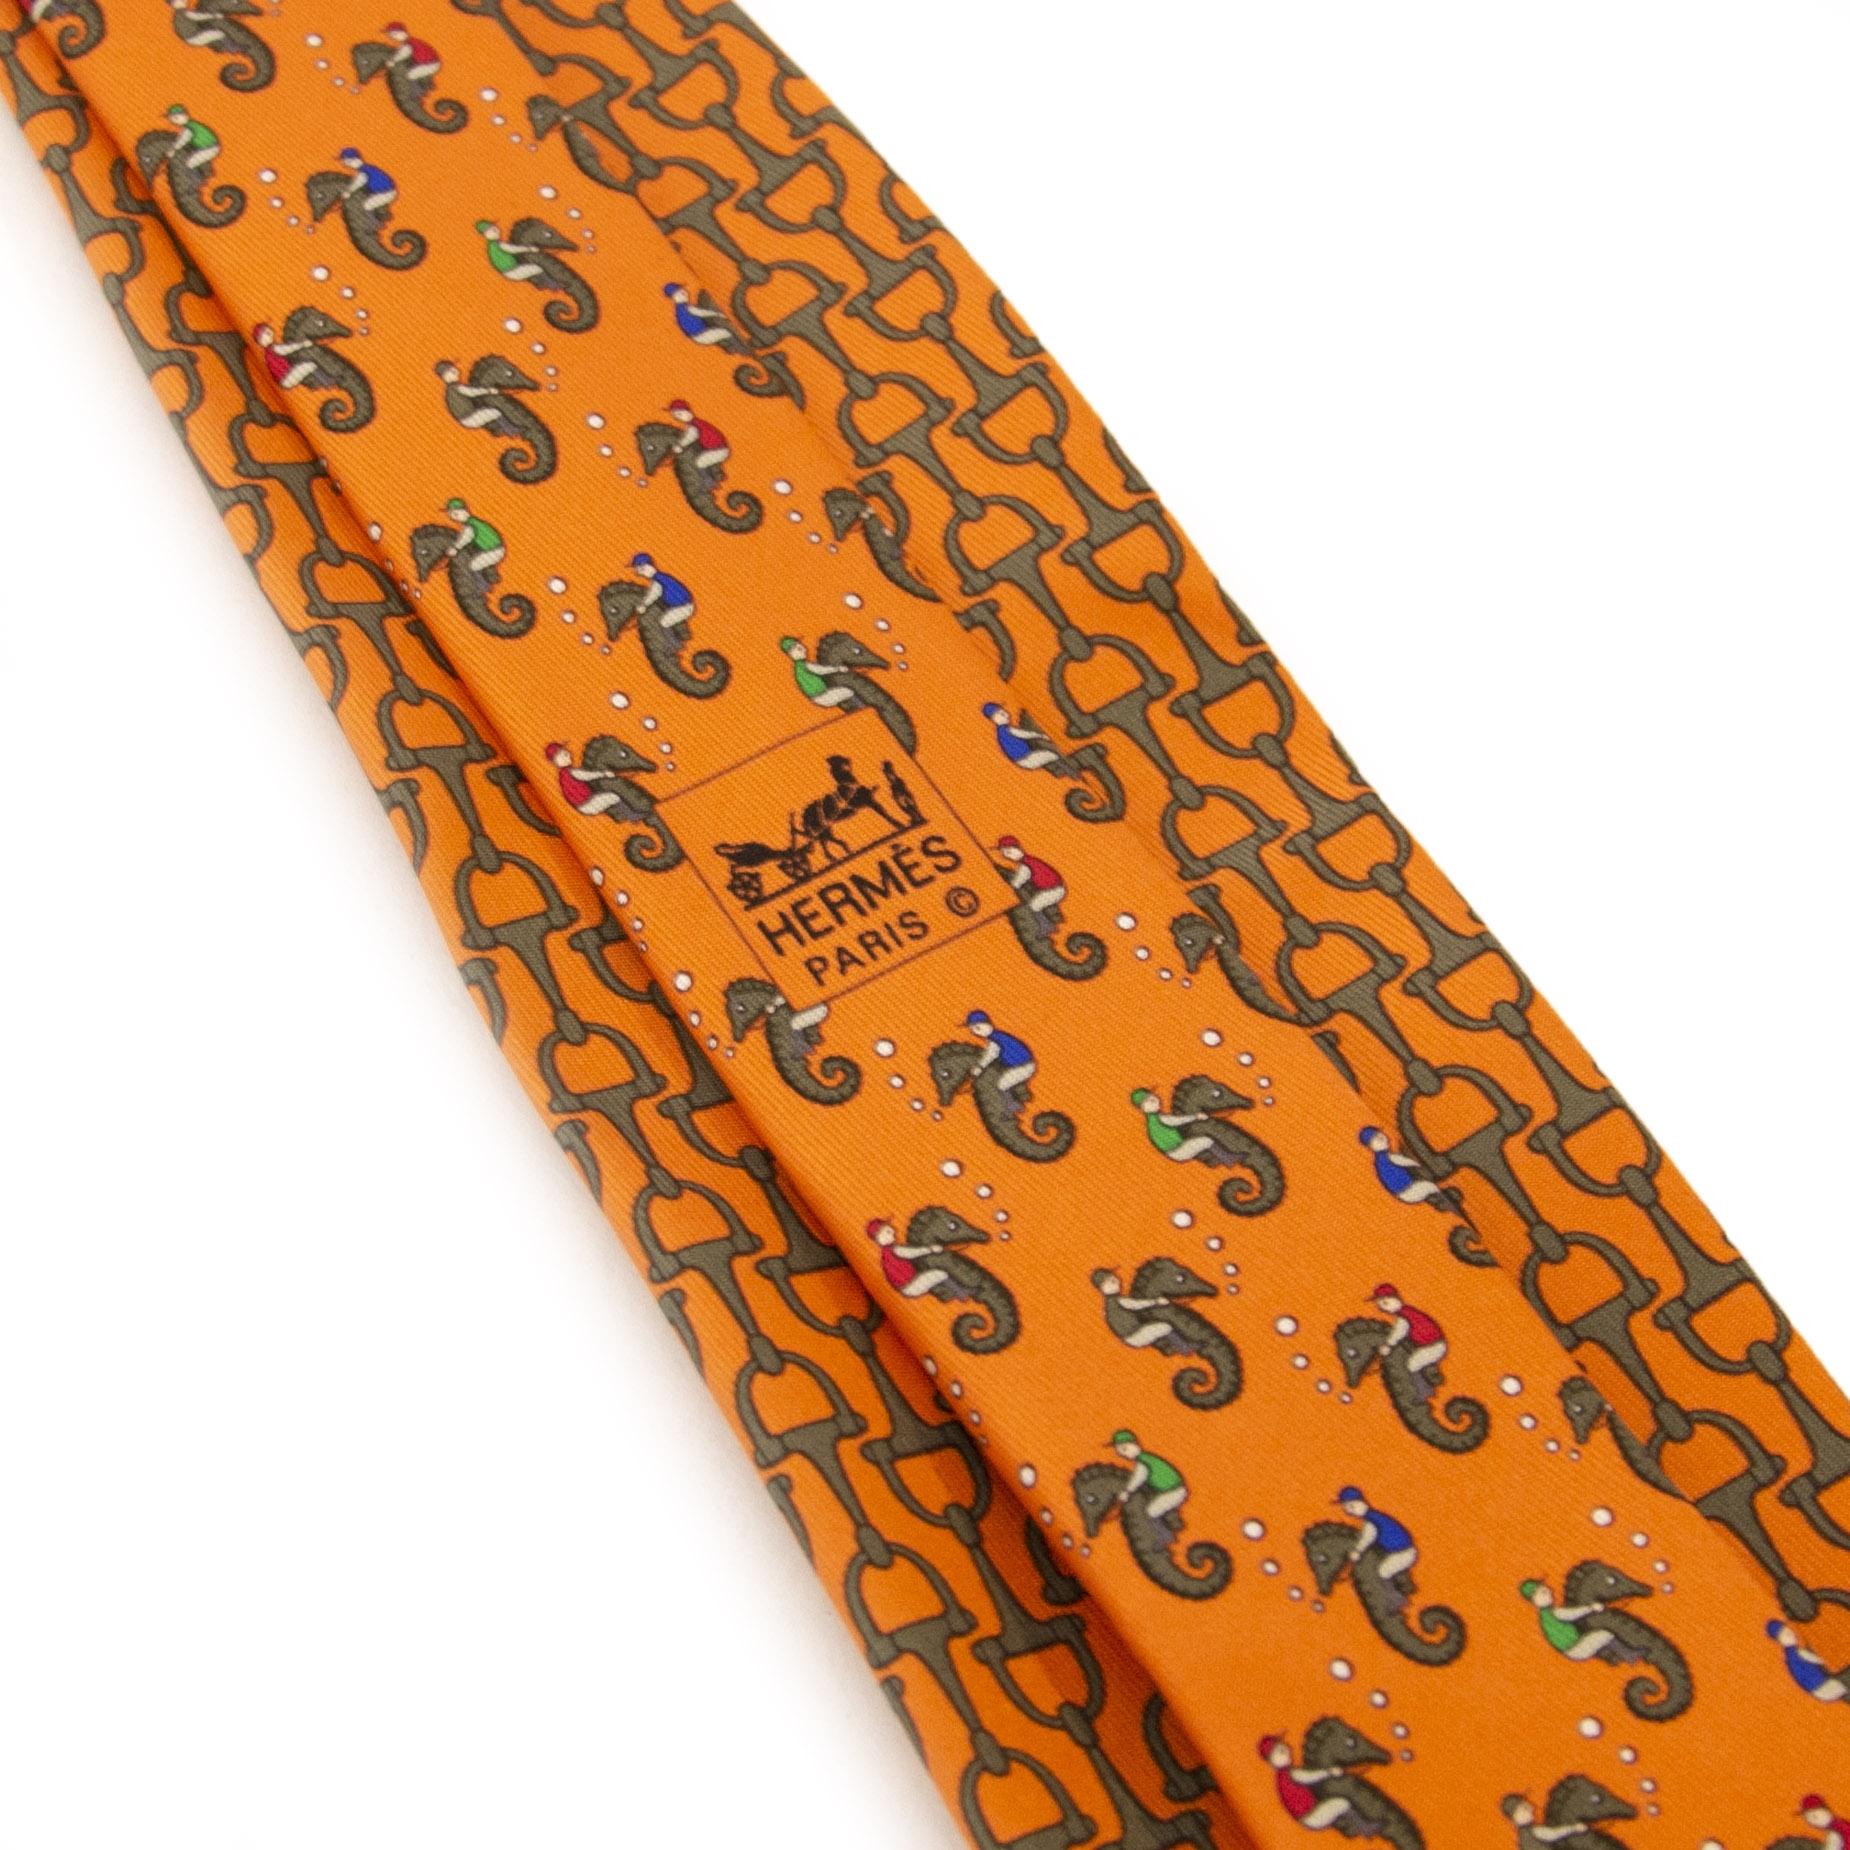 Authentieke tweedehands Hermès Horsebit Silk Orange Tie juiste prijs veilig online winkelen LabelLOV webshop luxe merken winkelen Antwerpen België mode fashion